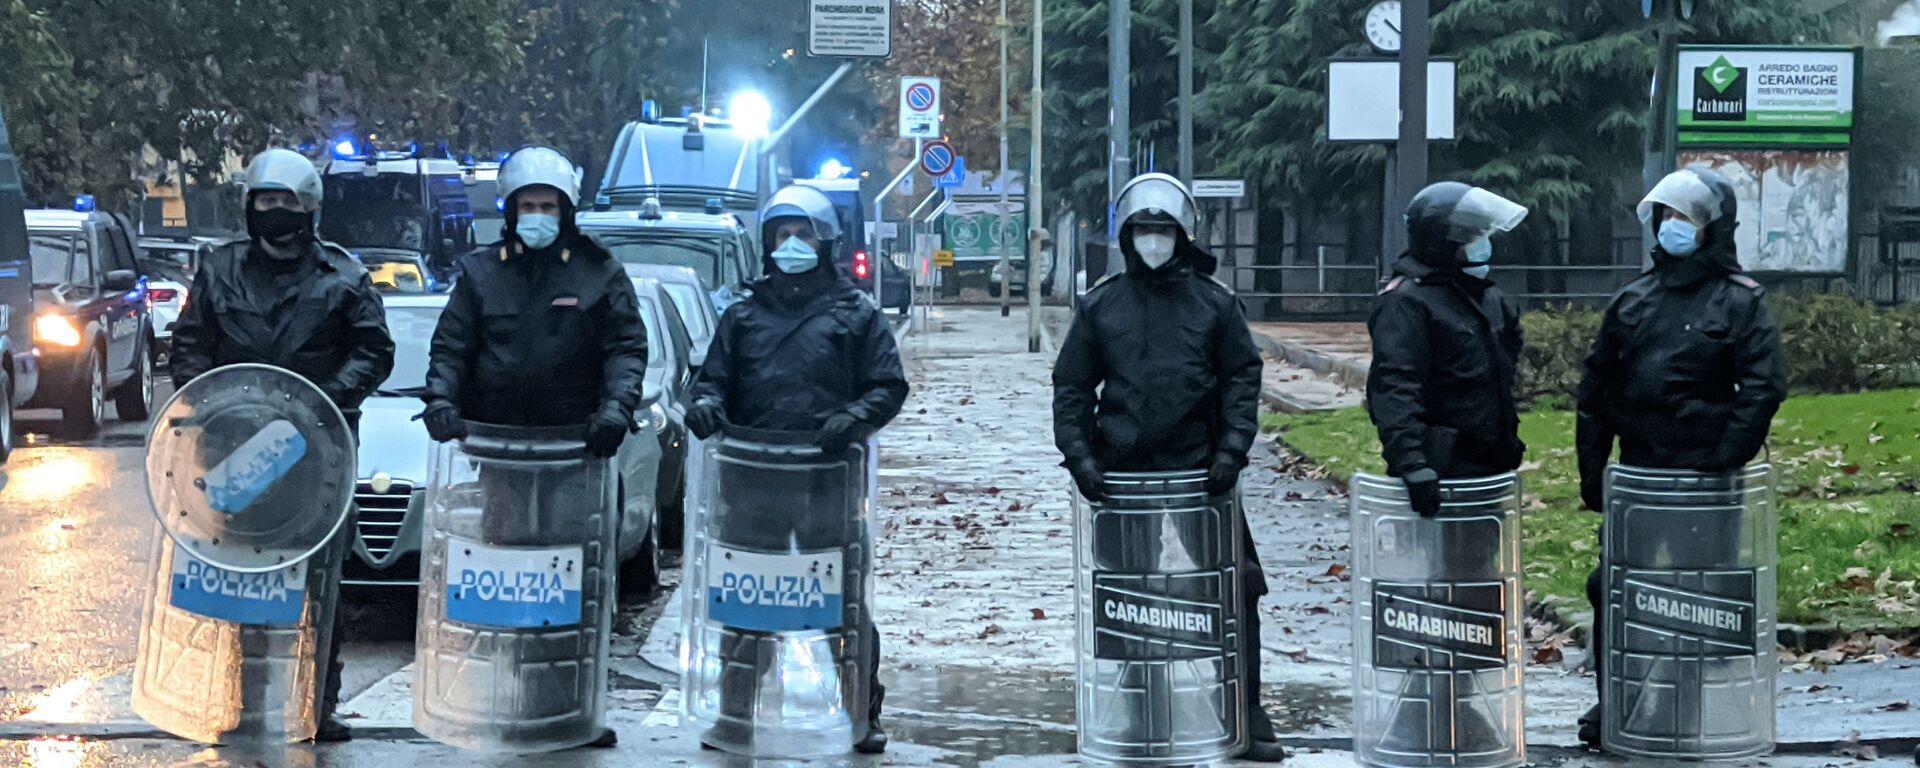 Polizia durante la manifestazione a Cernusco sul Naviglio - Sputnik Italia, 1920, 05.12.2020